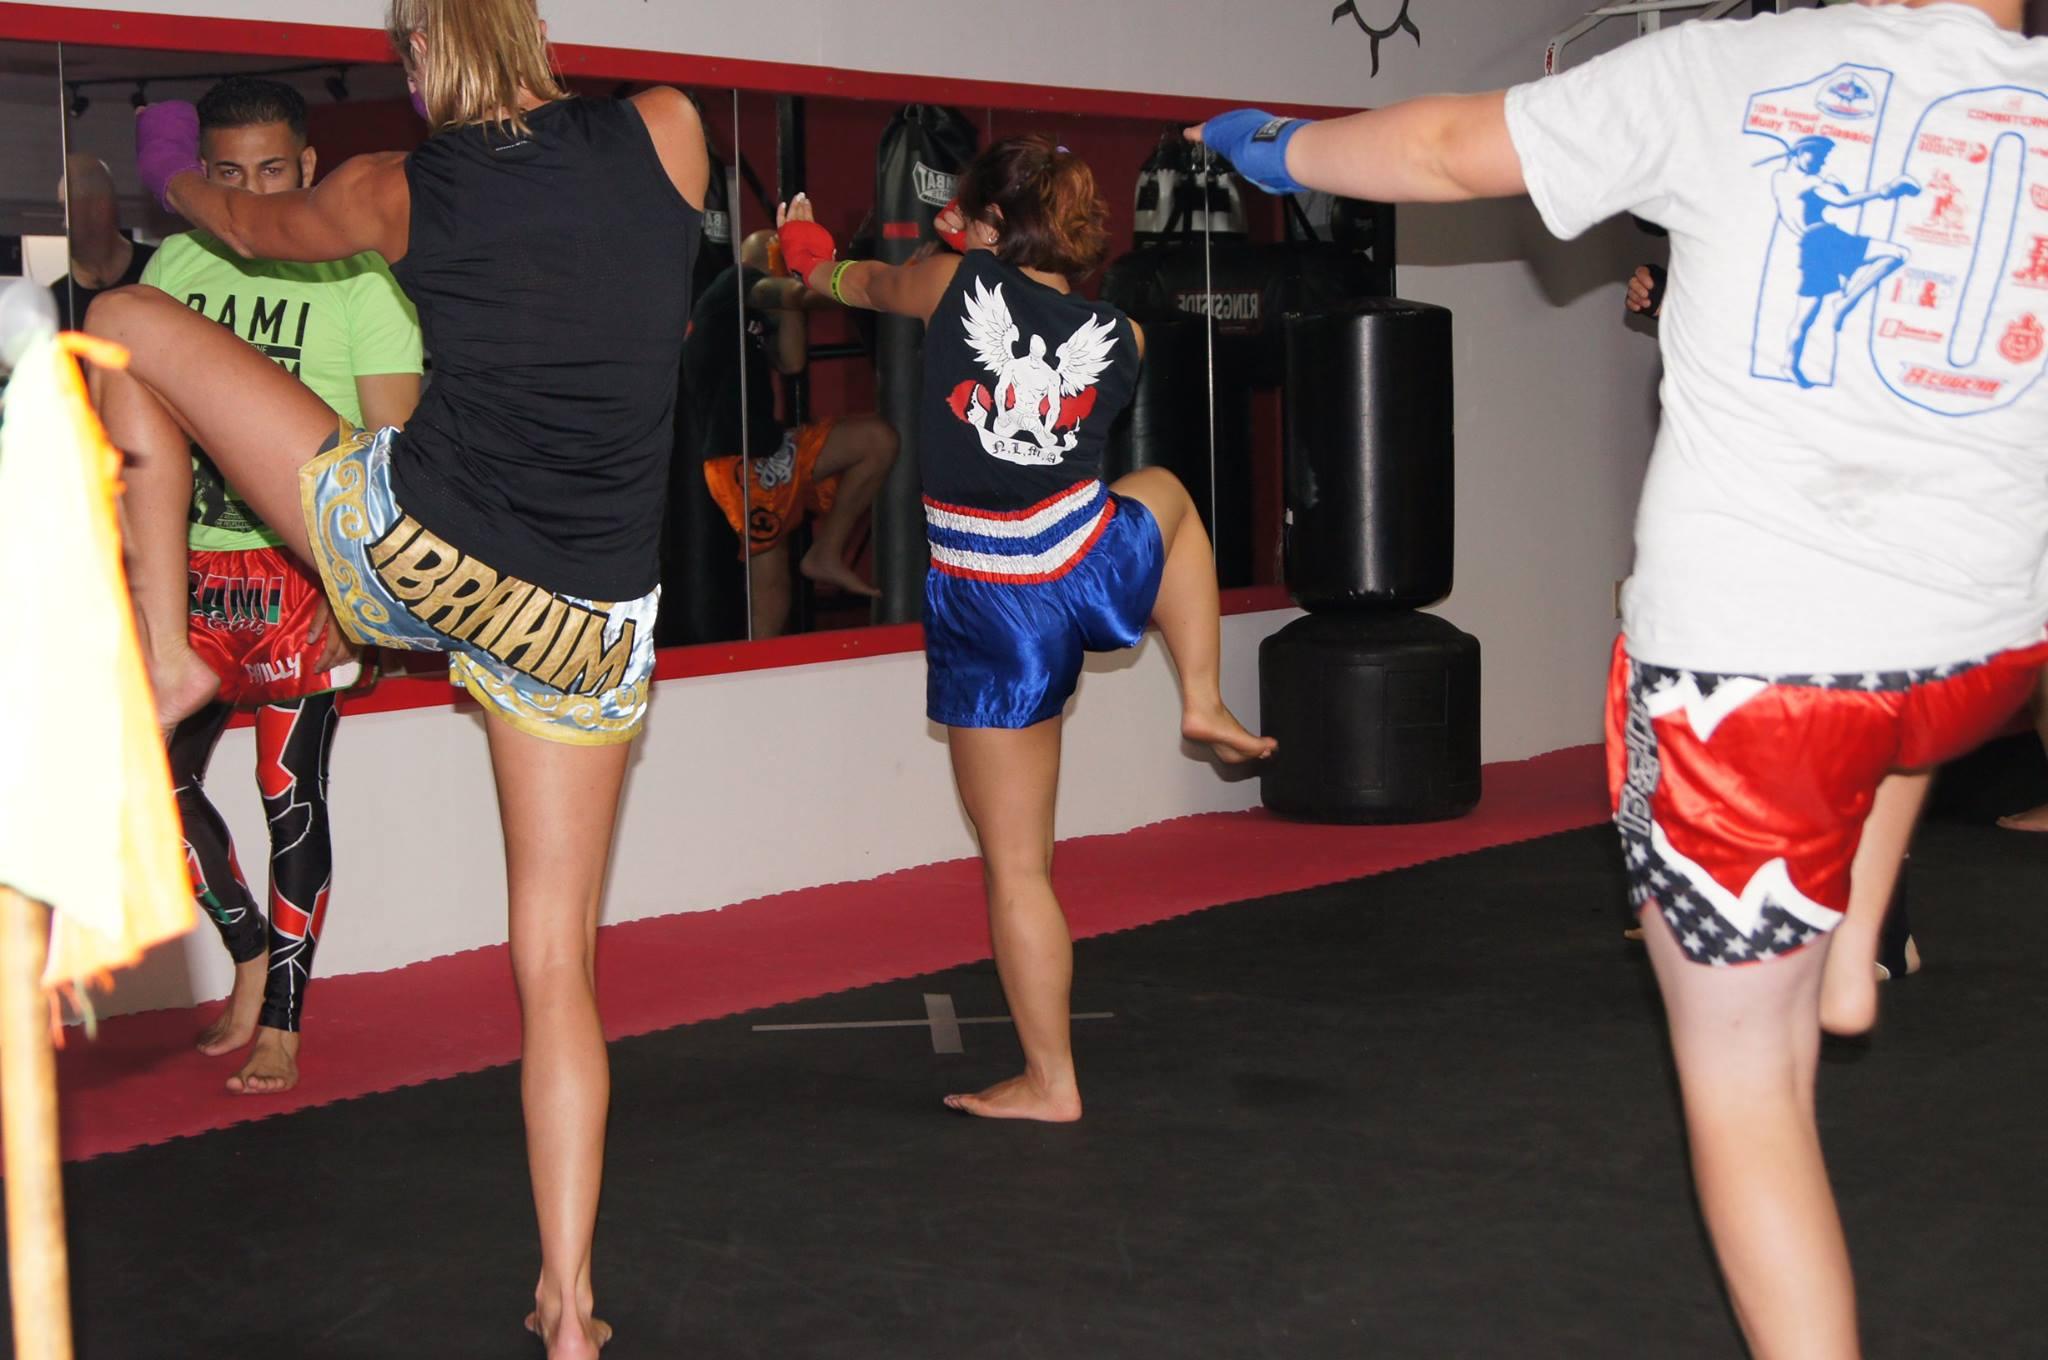 Lauren Mull training at Rami Elite